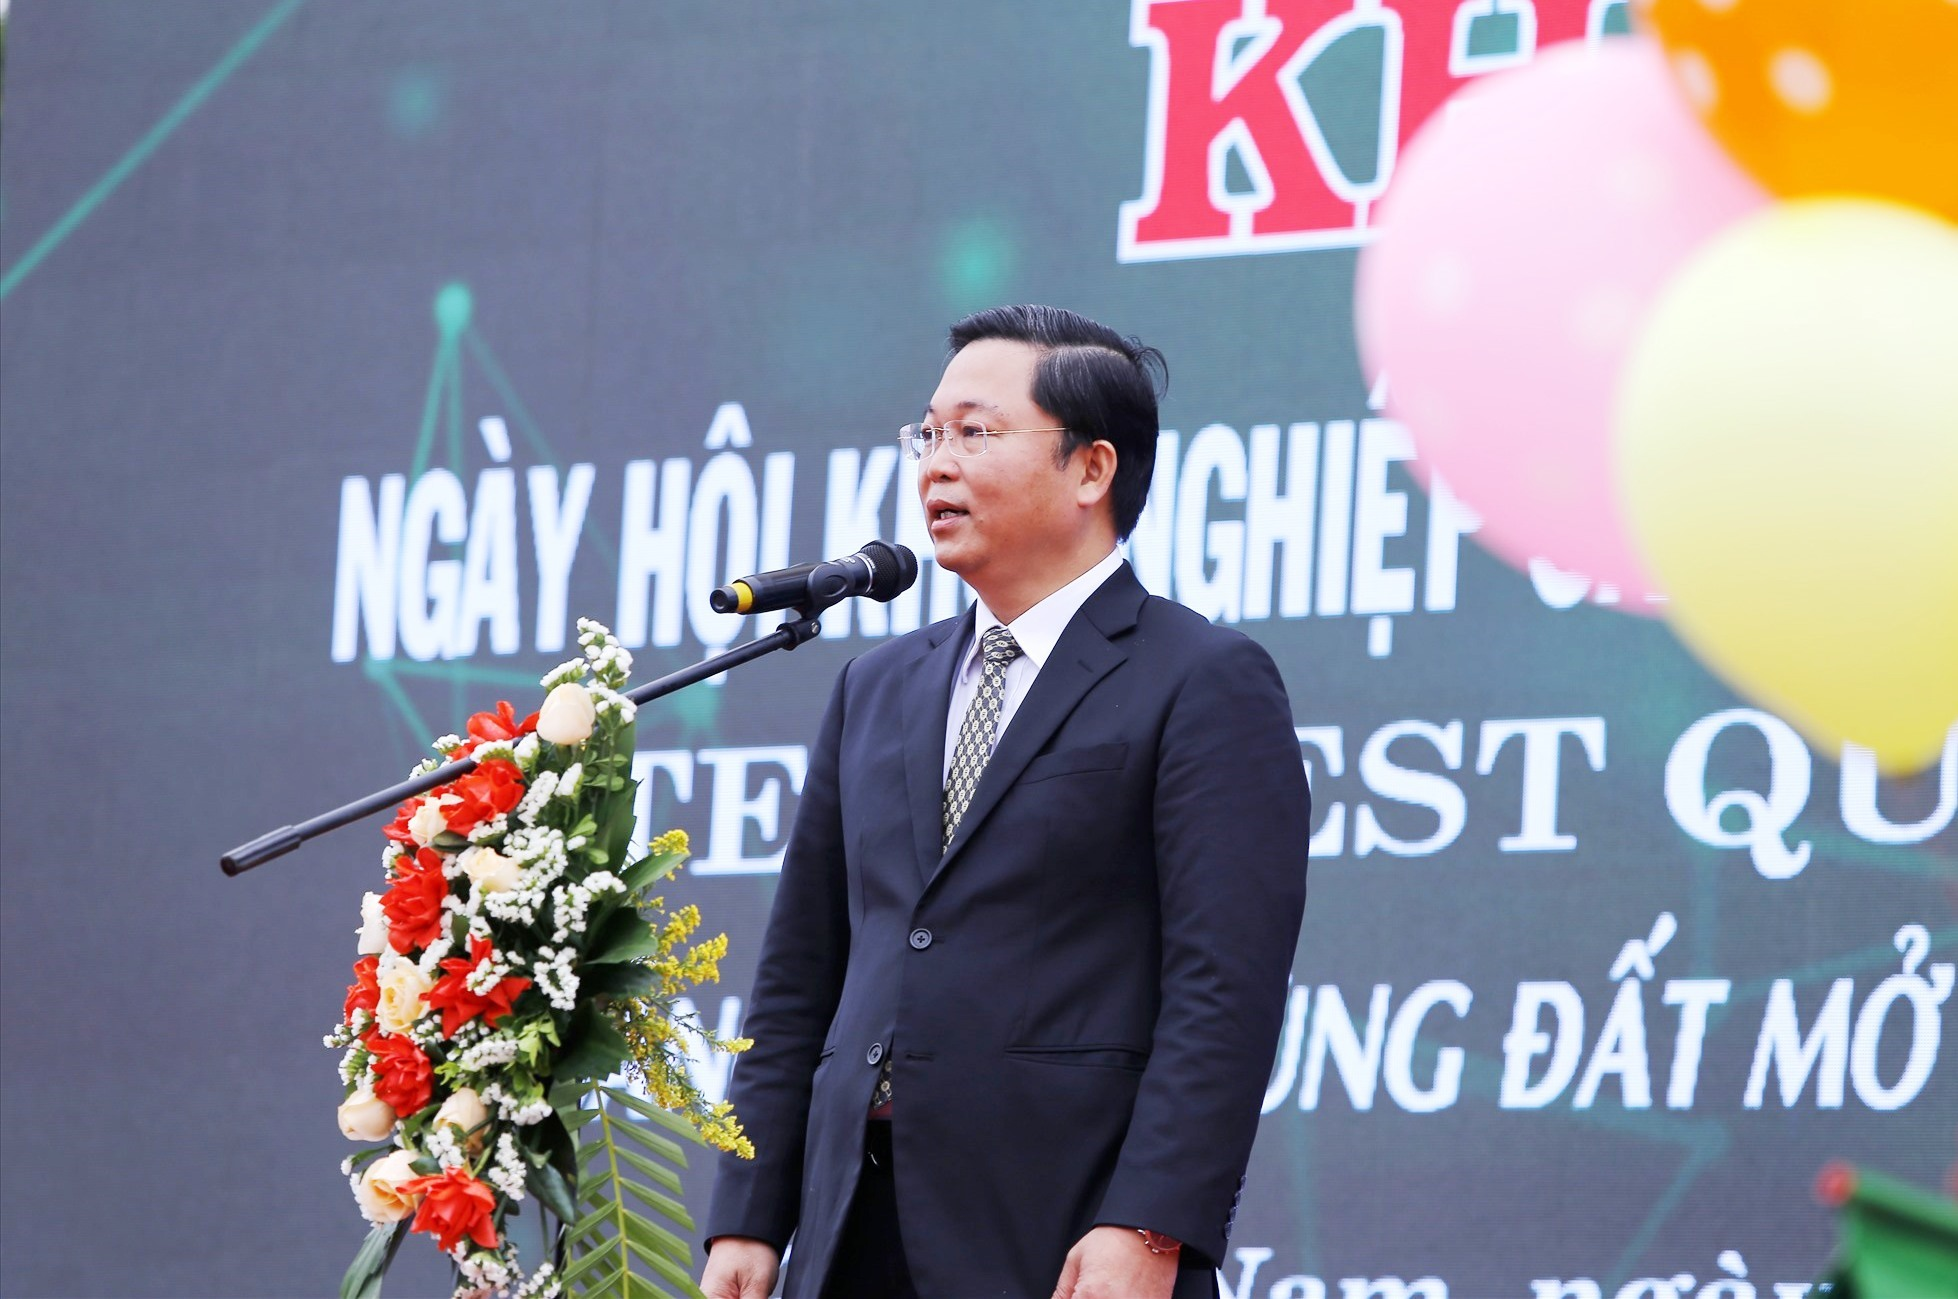 Chủ tịch UBND tỉnh Lê Trí Thanh phát biểu tại lễ khai mạc. Ảnh: C.V